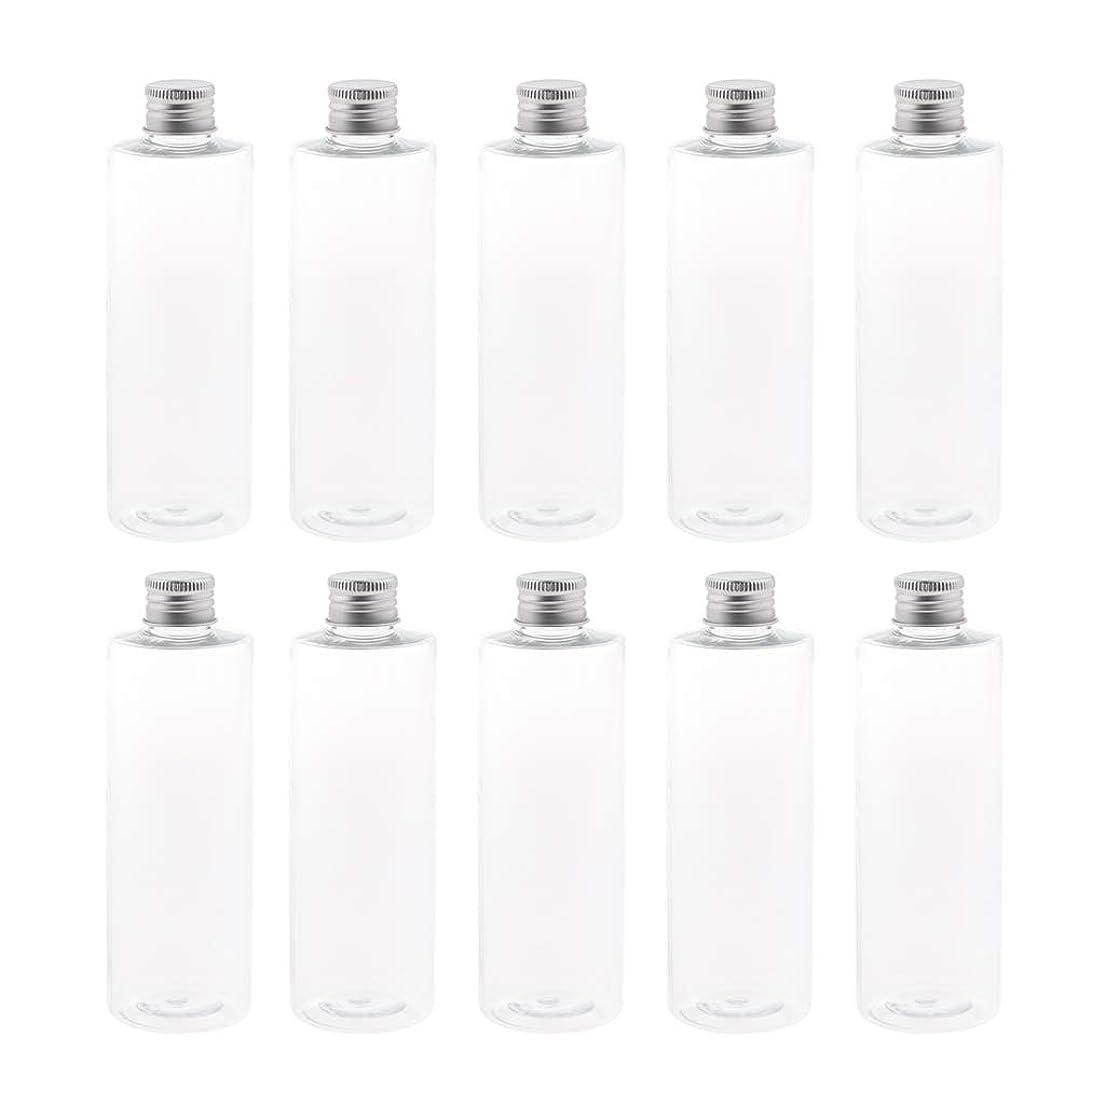 ドリル説明的パイプFenteer 空ボトル 小分け用 ペットボトル 詰め替え 液体 保存用 アルミキャップ付 旅行 250ml 10個入